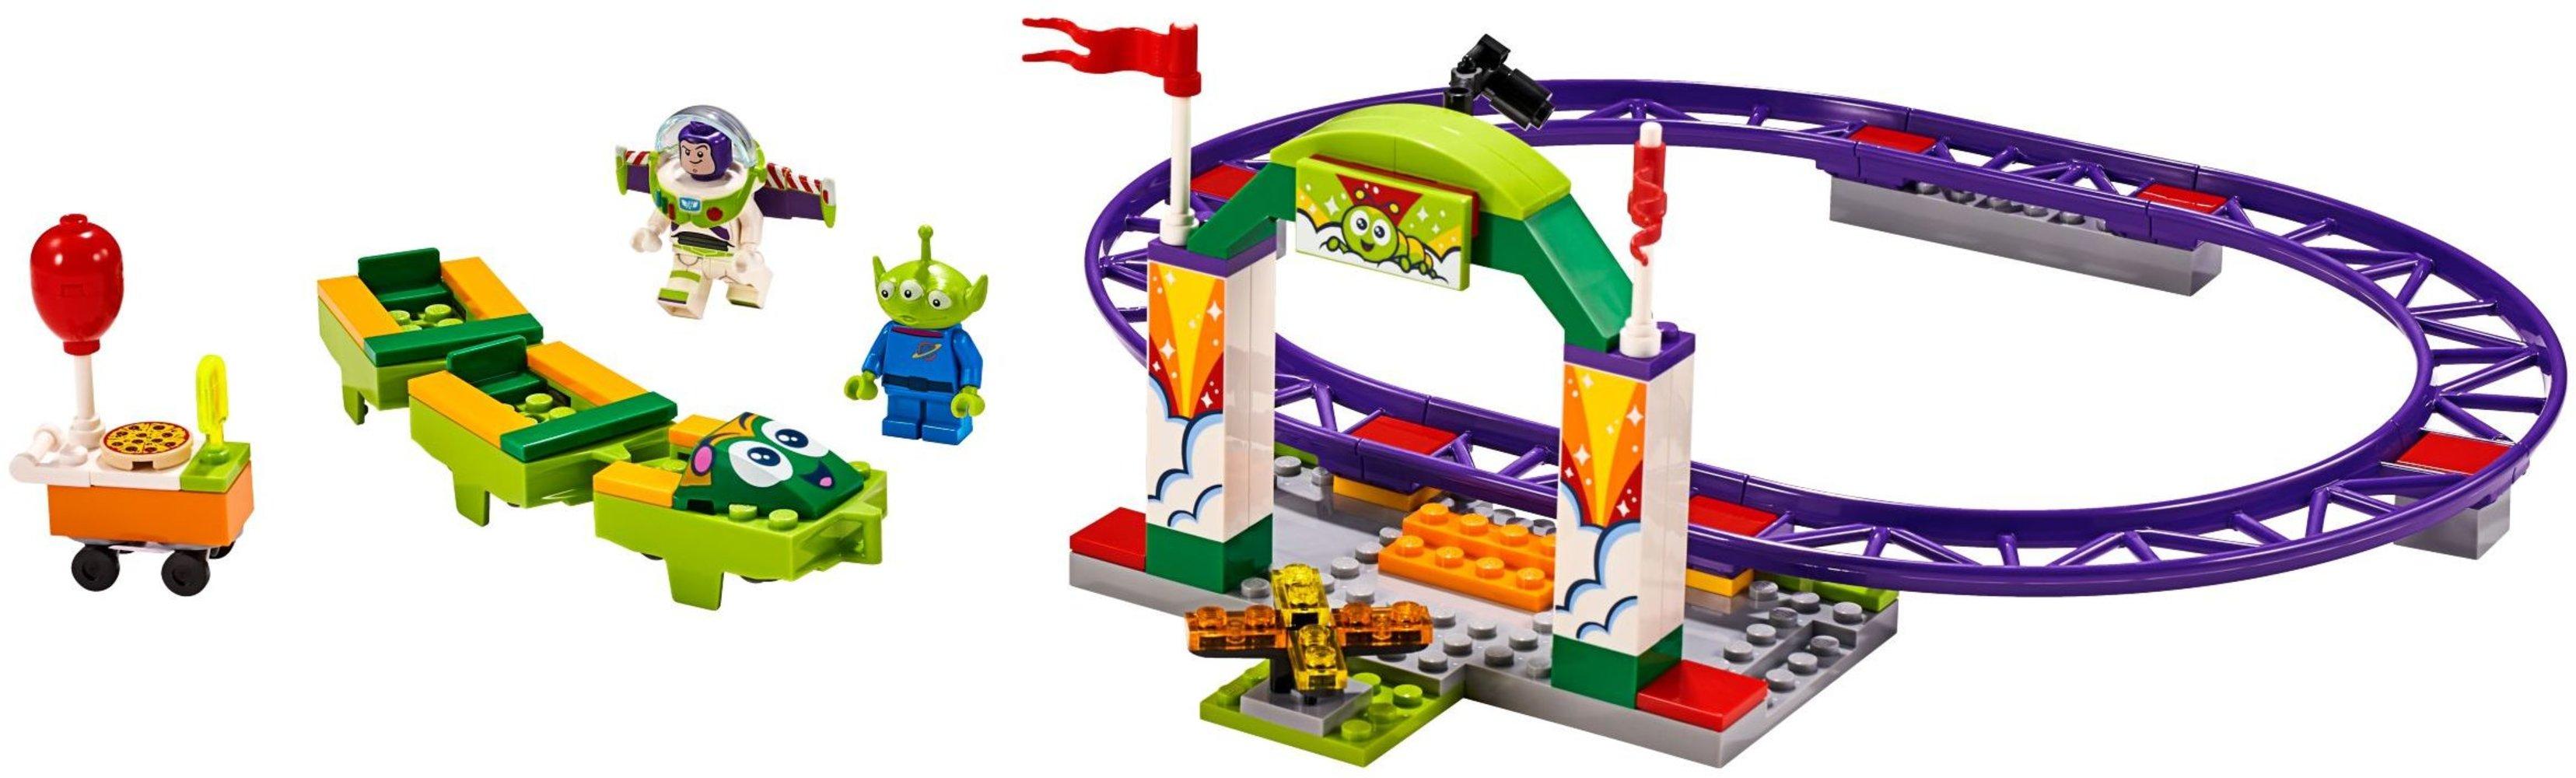 Carnival Thrill Coaster